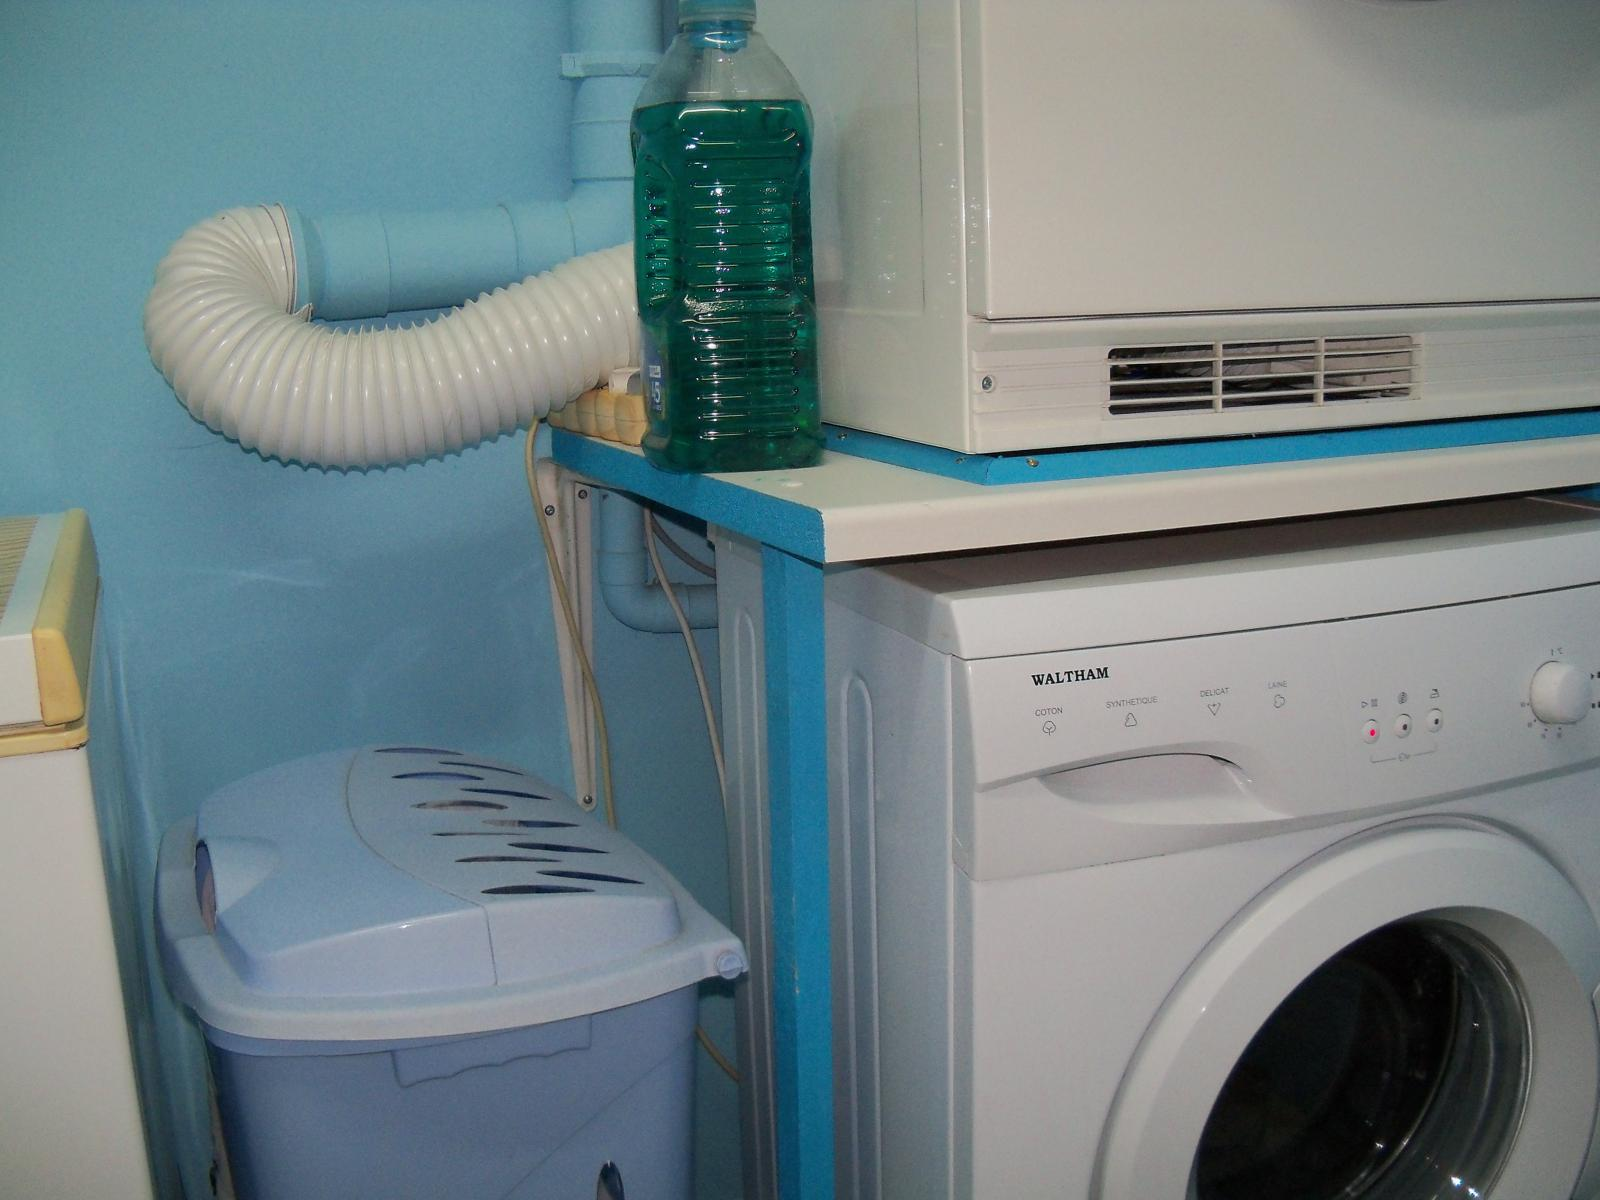 Empiler Seche Linge Et Lave Linge superposer sèche-linge sur lave-linge slim